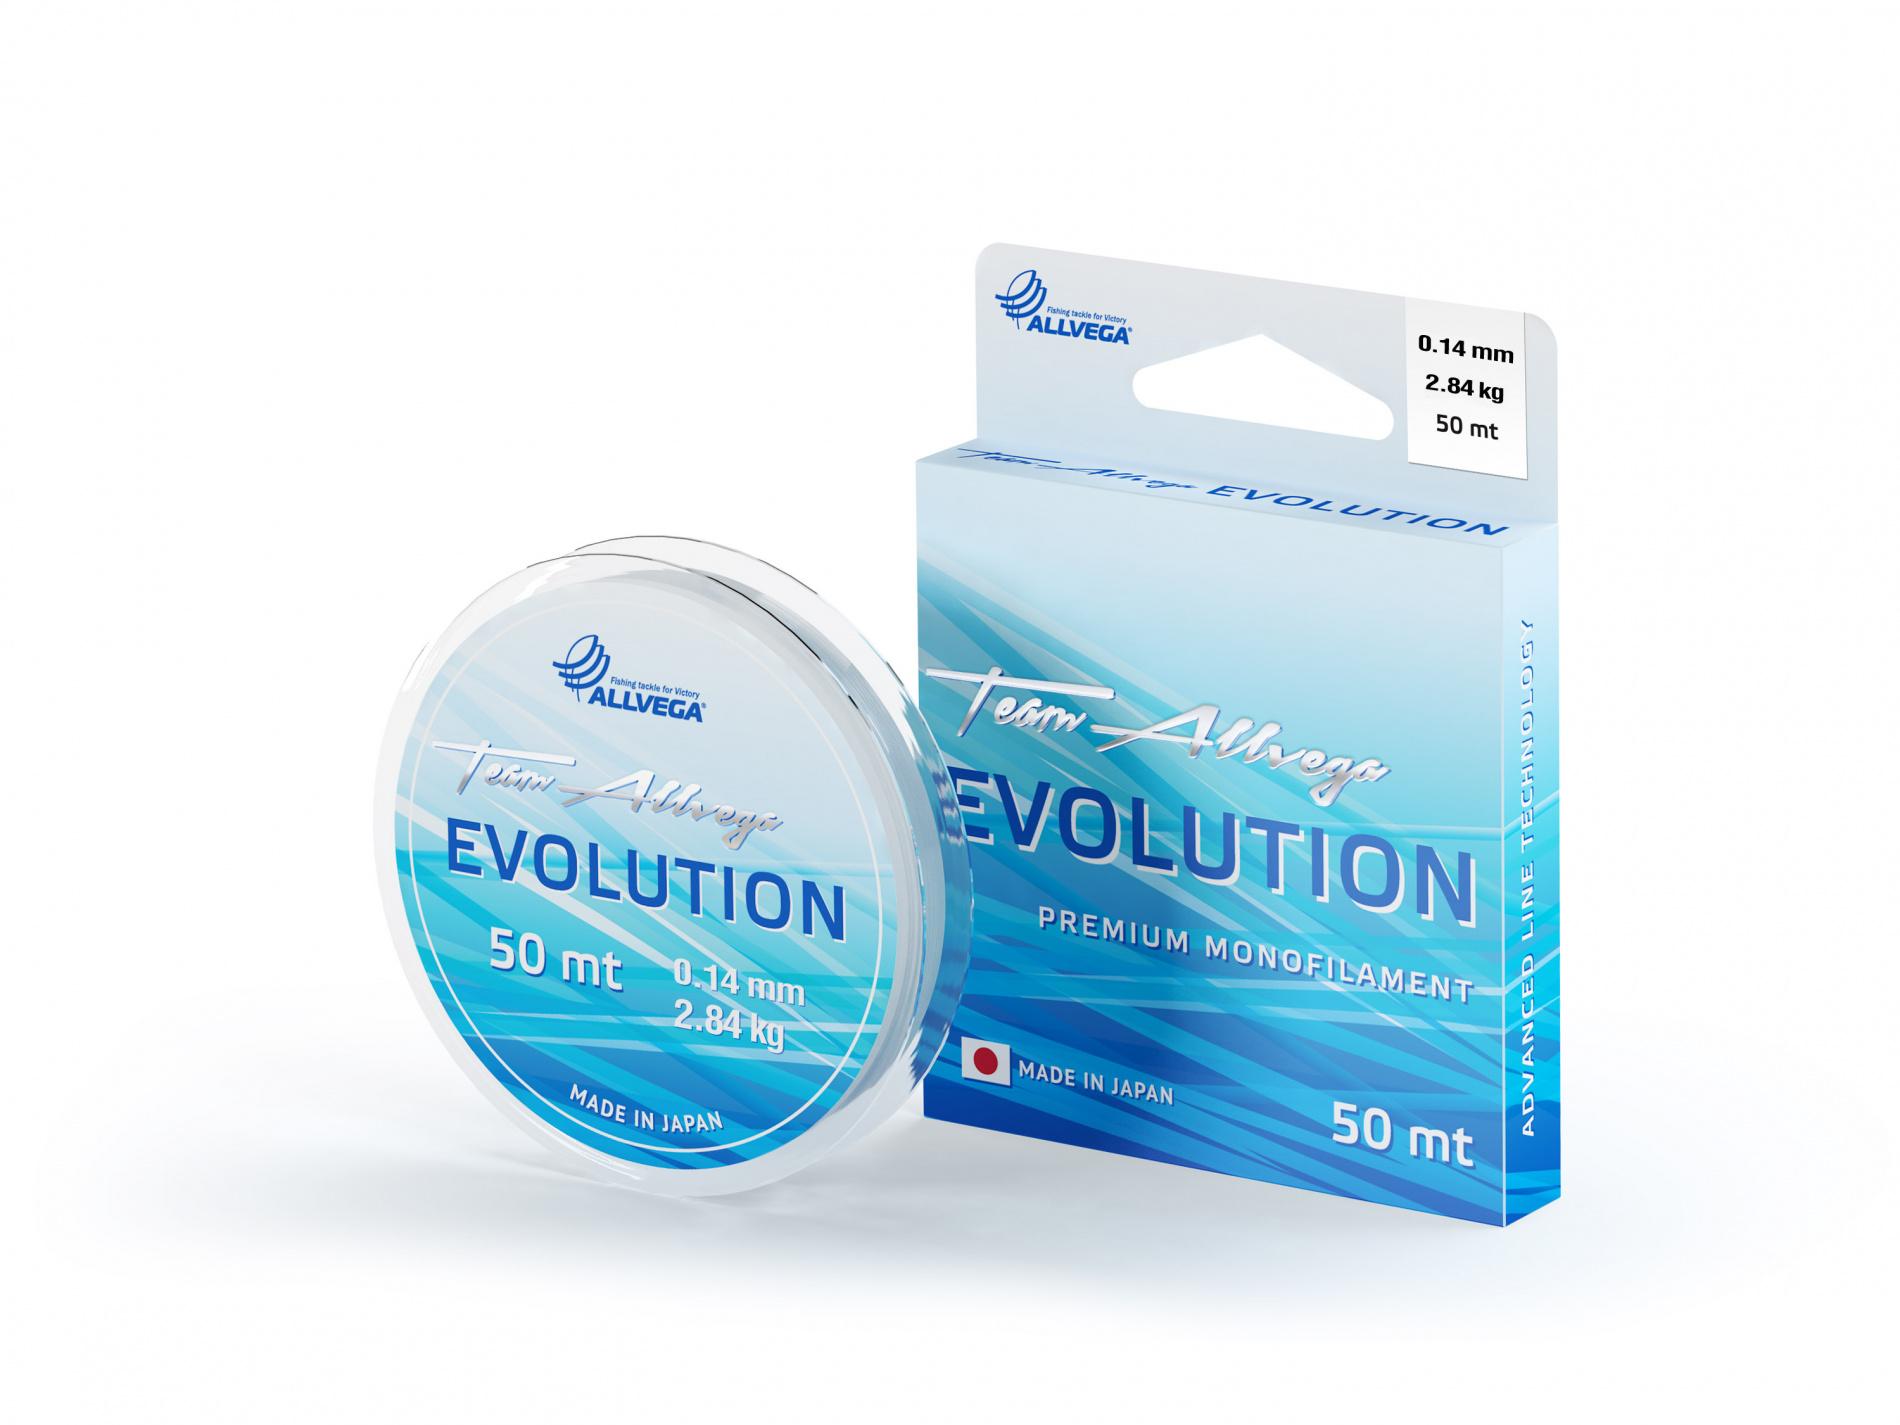 Леска ALLVEGA Evolution 0,14мм (50м) (2,84кг) (прозрачная)Леска монофильная<br>Леска EVOLUTION - это результат интеграции многолетнего <br>опыта европейских рыболовов-спортсменов <br>и современных японских технологий! Важнейшим <br>свойством лески является её однородность <br>и соответствие заявленному диаметру. Если <br>появляется неравномерность в калибровке <br>лески и искажается идеальная окружность <br>в сечении, это ведет к потере однородности <br>лески и ослабляет её. В этом смысле, на сегодняшний <br>день леска EVOLUTION имеет наиболее однородную <br>структуру. Из множества вариантов мы выбираем <br>новейшее и наиболее подходящее сырьё, чтобы <br>добиться исключительных характеристик <br>лески, выдержать оптимальный баланс между <br>прочностью и растяжимостью, и создать идеальный <br>продукт для любых условий ловли. Цвет прозрачный. <br>Сделана, размотана и упакована в Японии.<br><br>Сезон: лето